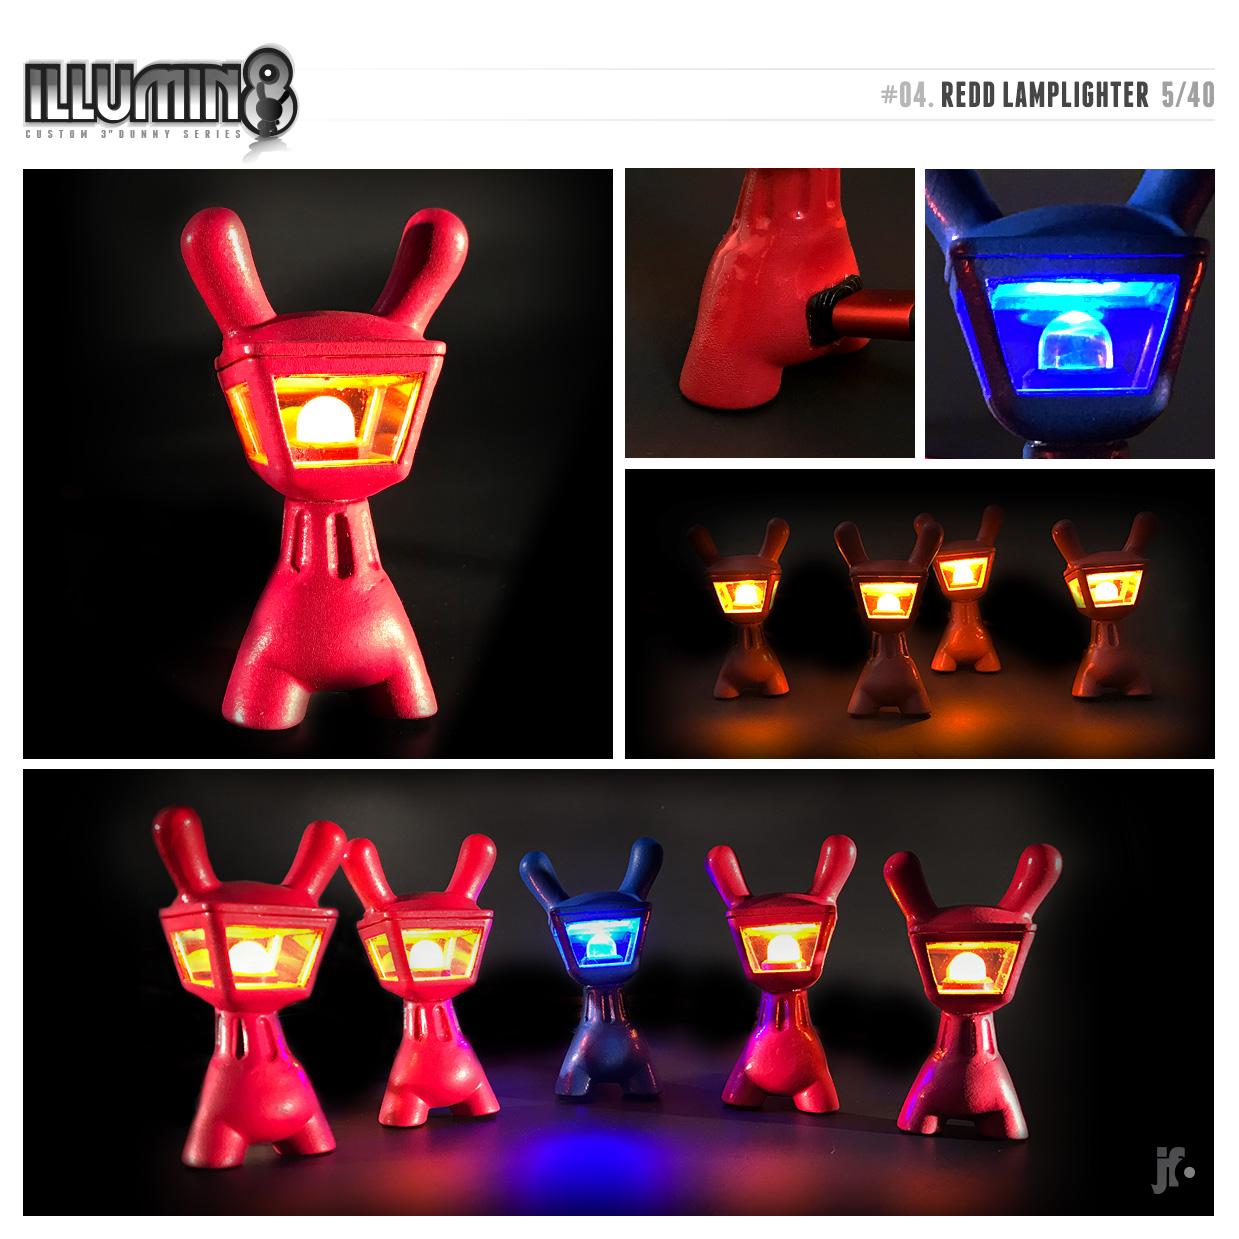 #04 Redd Lamplighter